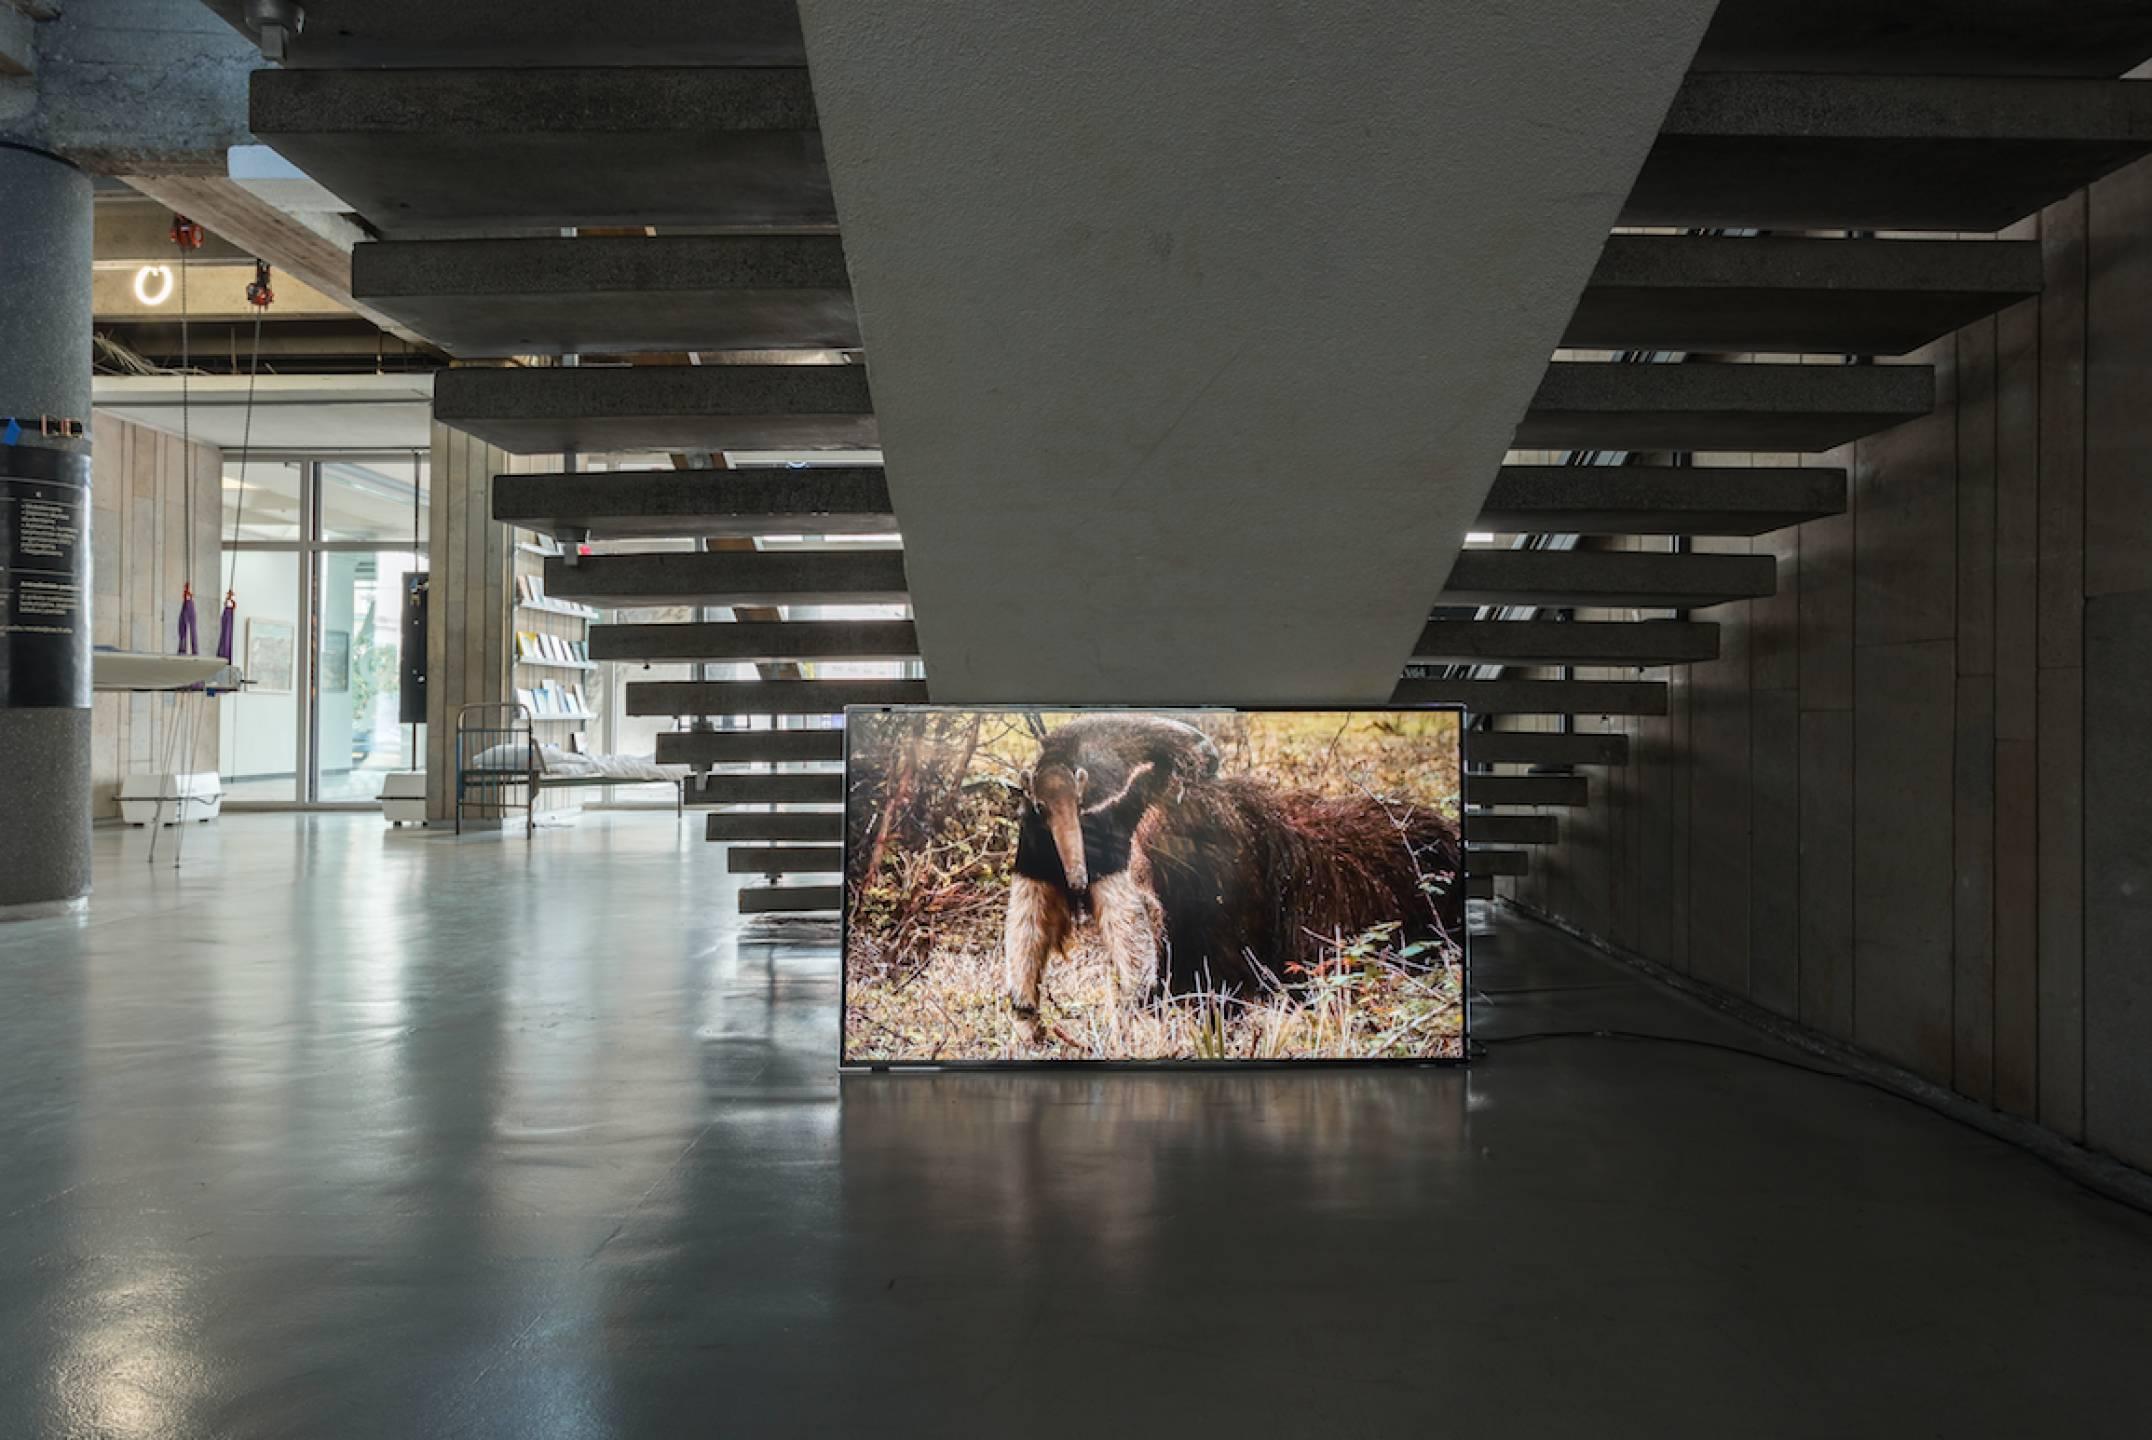 LuizRoque,<em>Ancestral</em>, Contemporary Art Center, Vilnius, 2017 - Mendes Wood DM